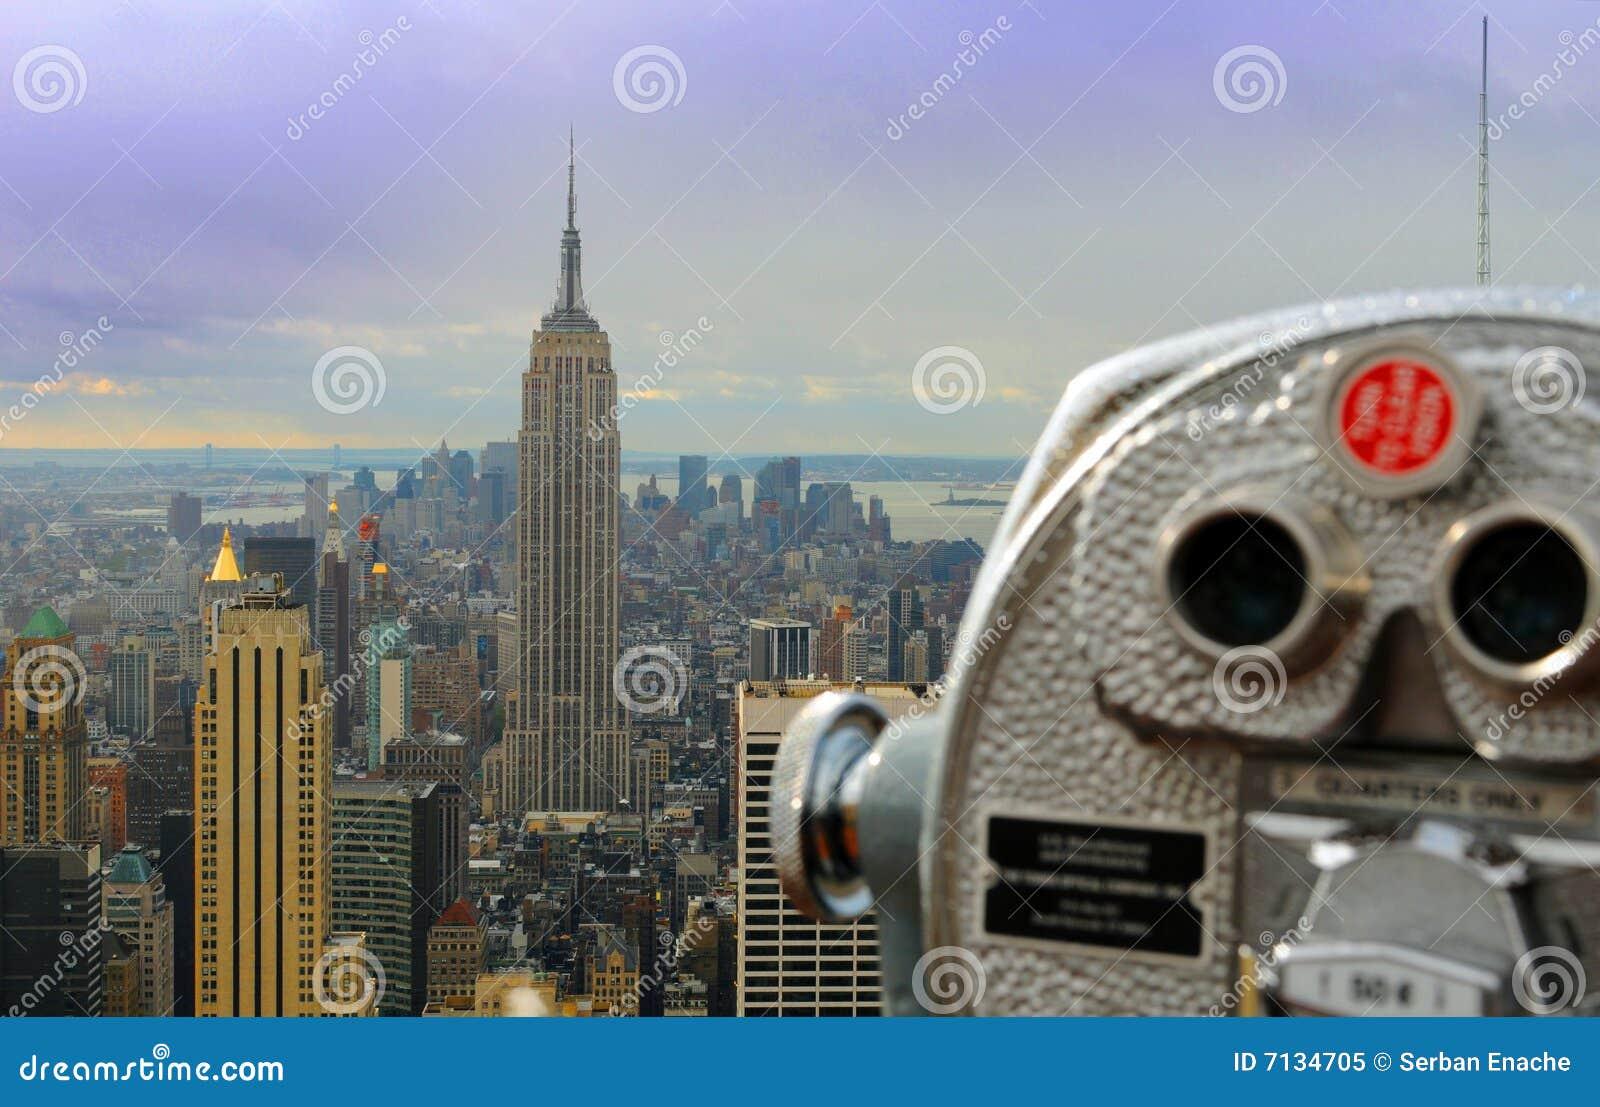 De verrekijkers van de toerist in New York